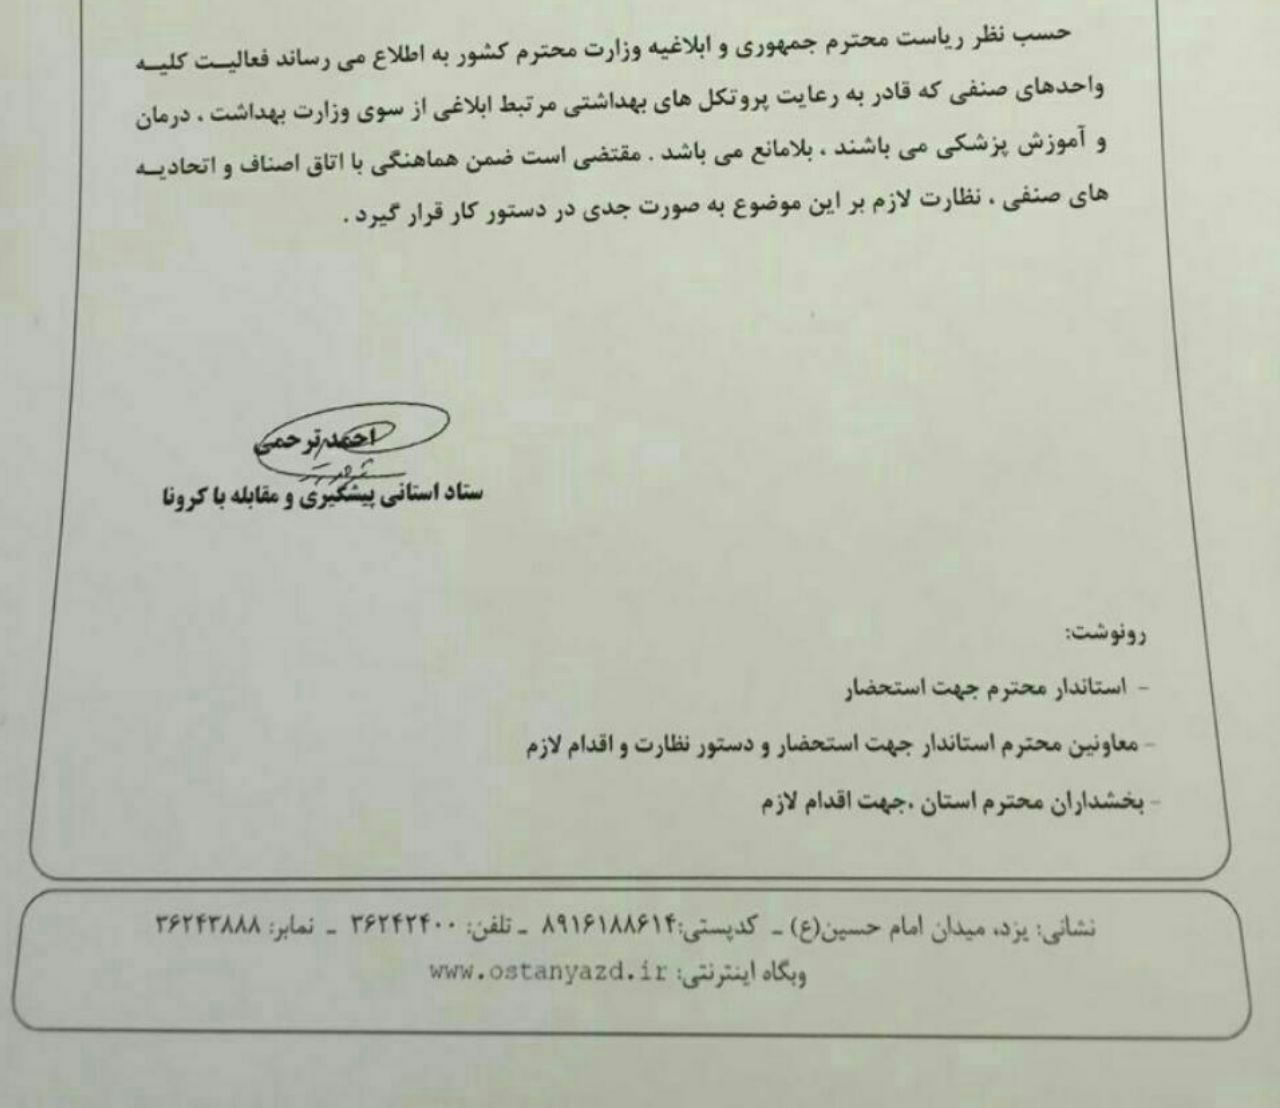 بالاخره استانداری یزد موفق شد … 309091001584616205